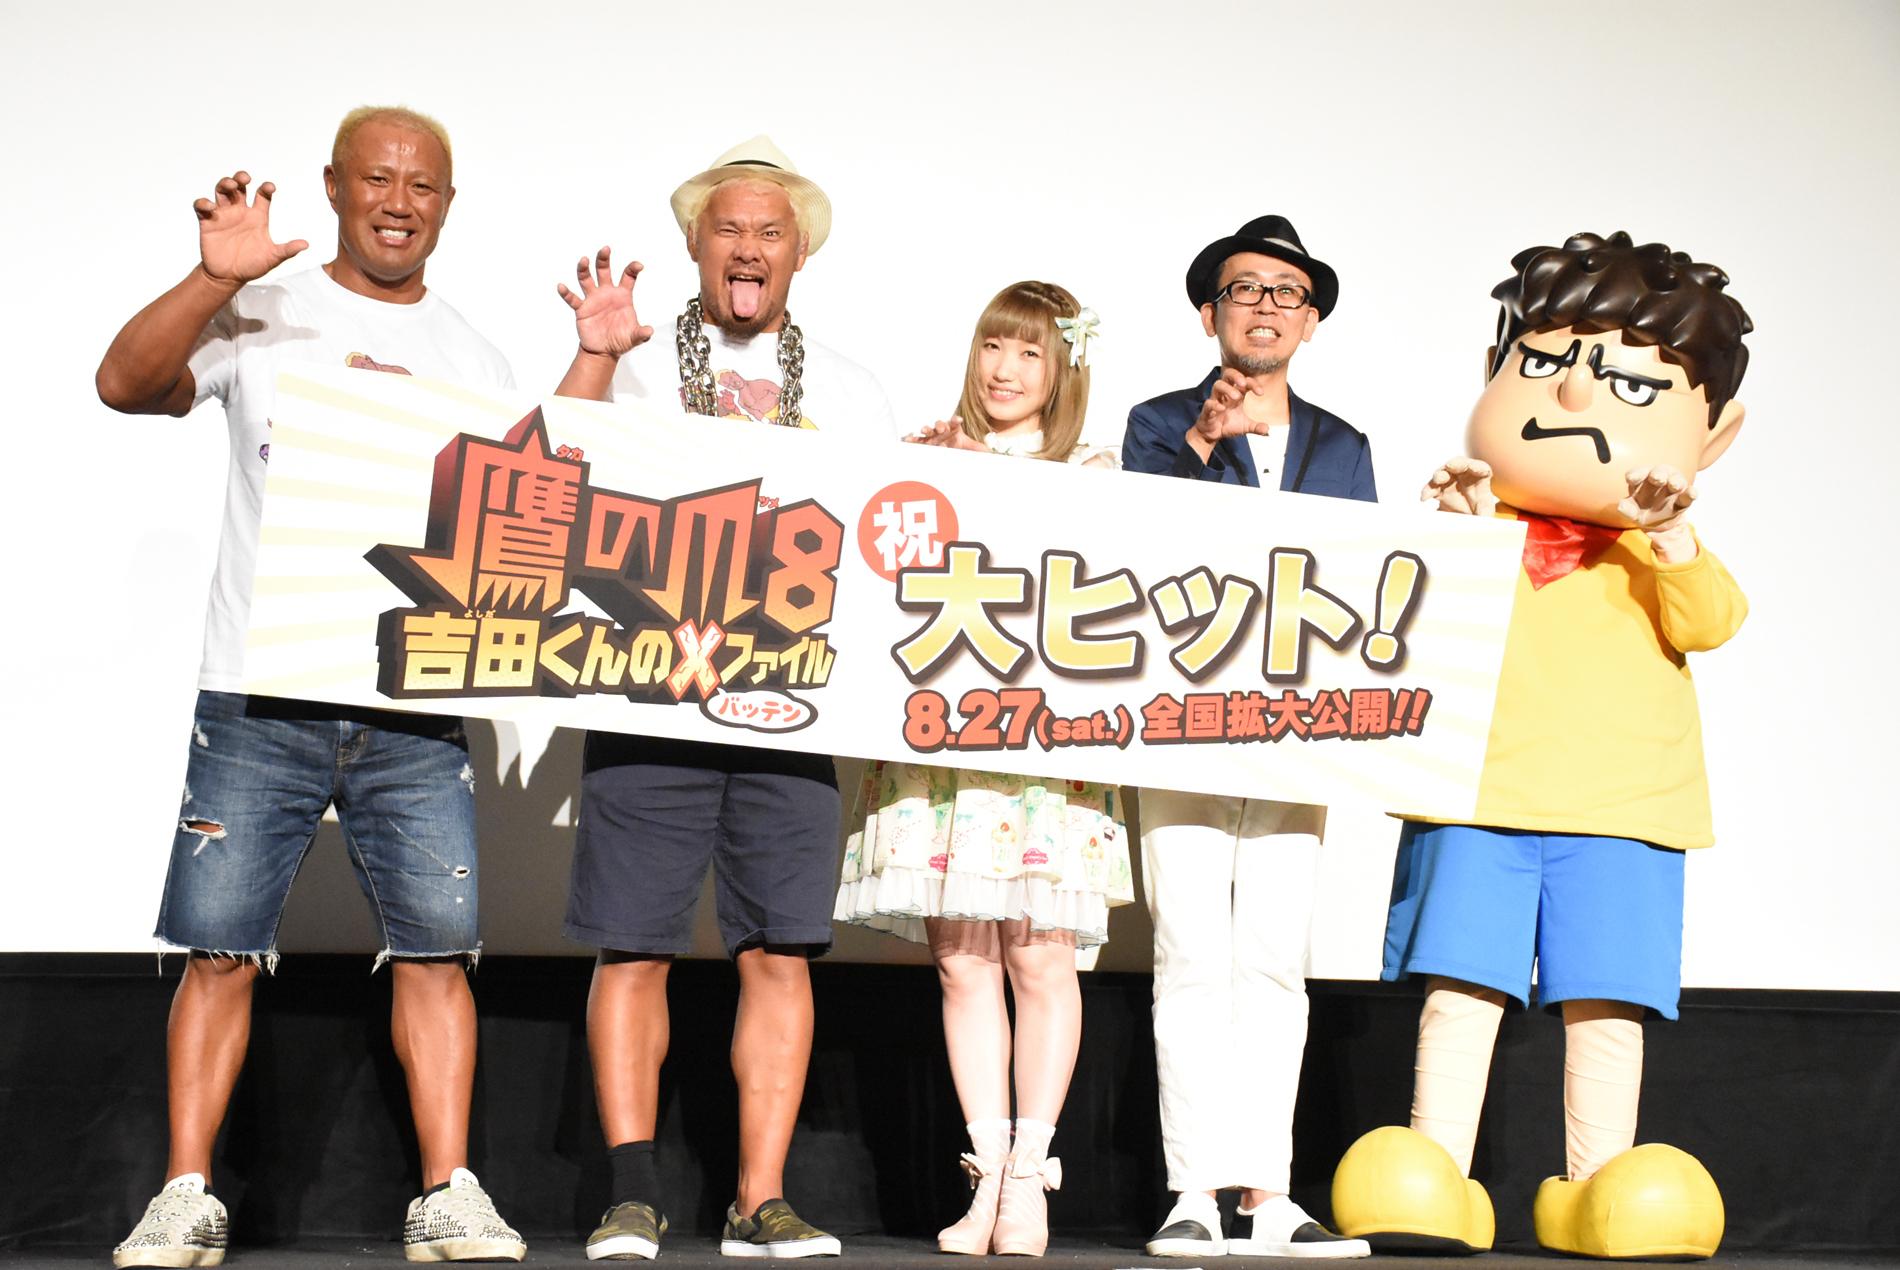 本間朋晃、真壁刀義内、内田彩、FROGMAN監督、吉田くん